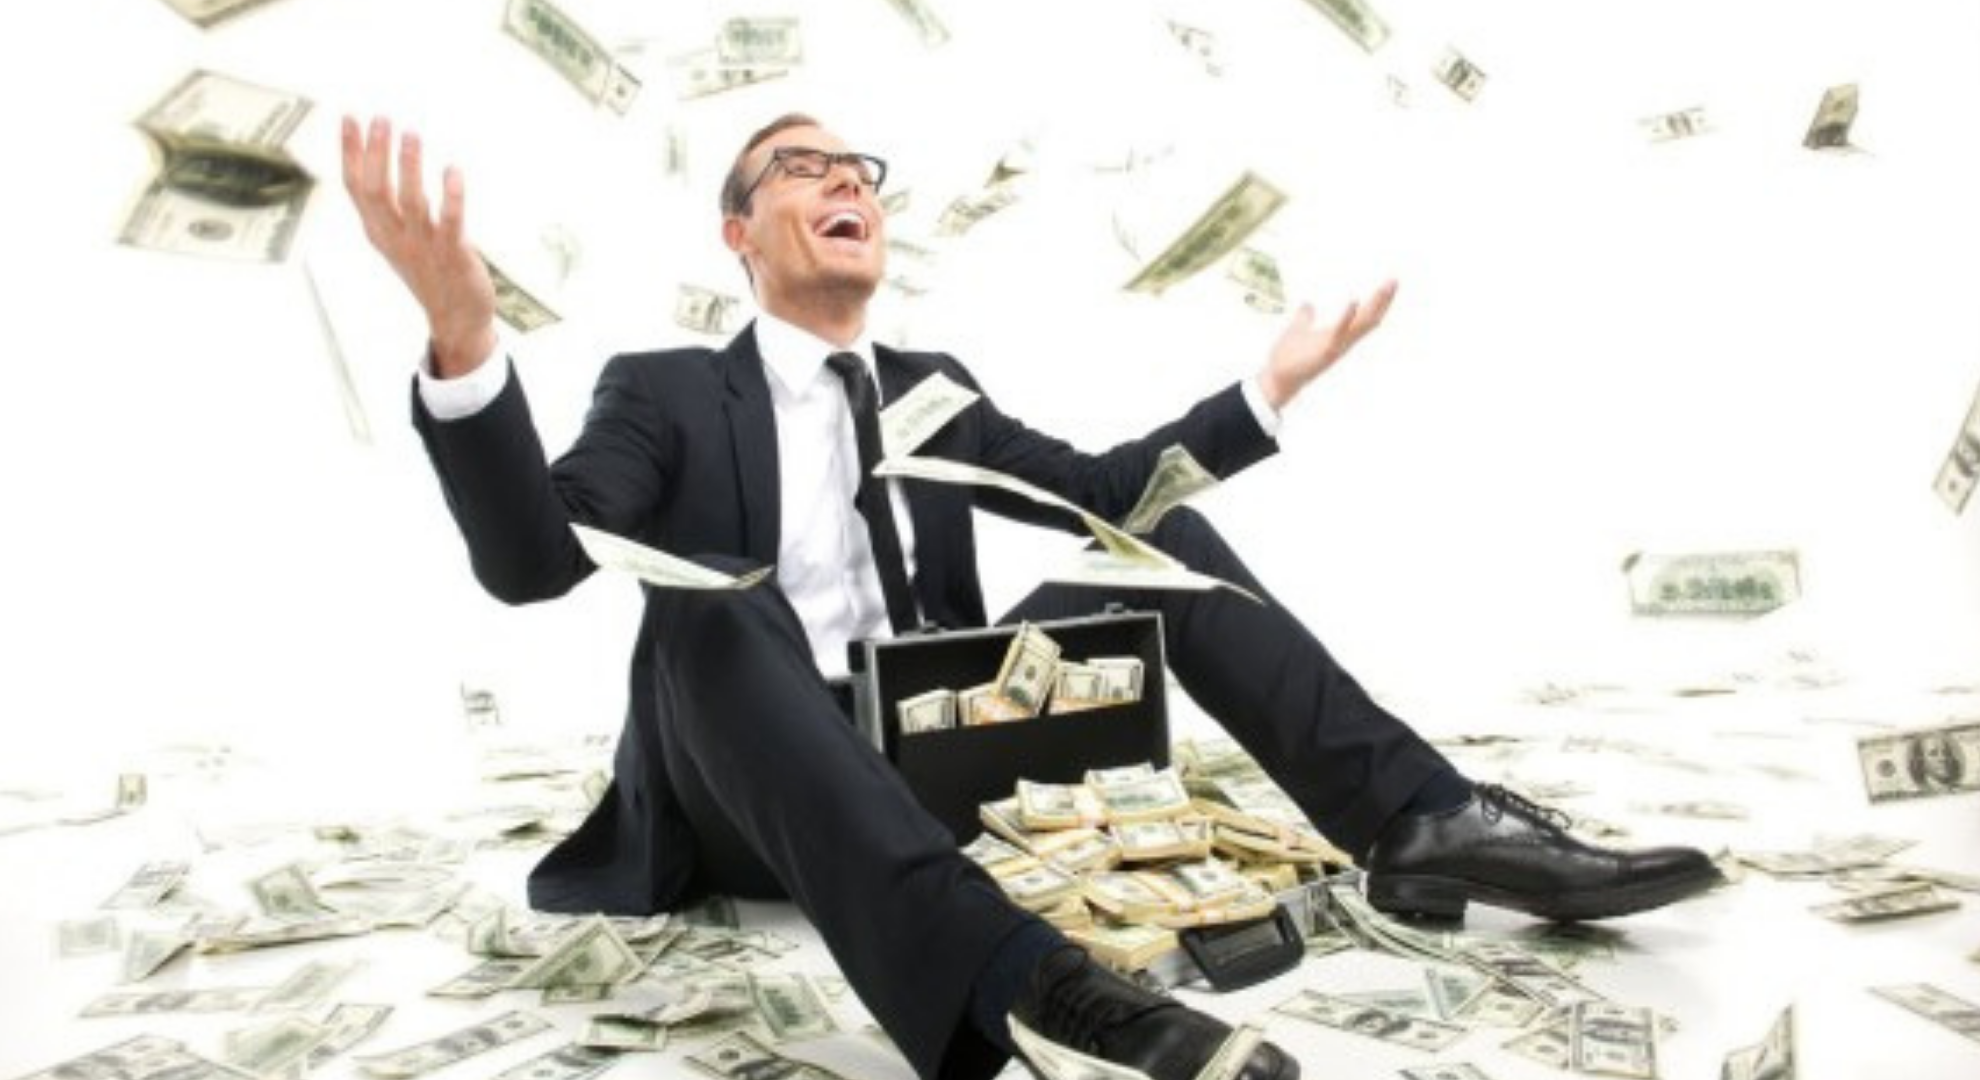 【貯金】年収1000万あればどんな生活が出来る?【税金】